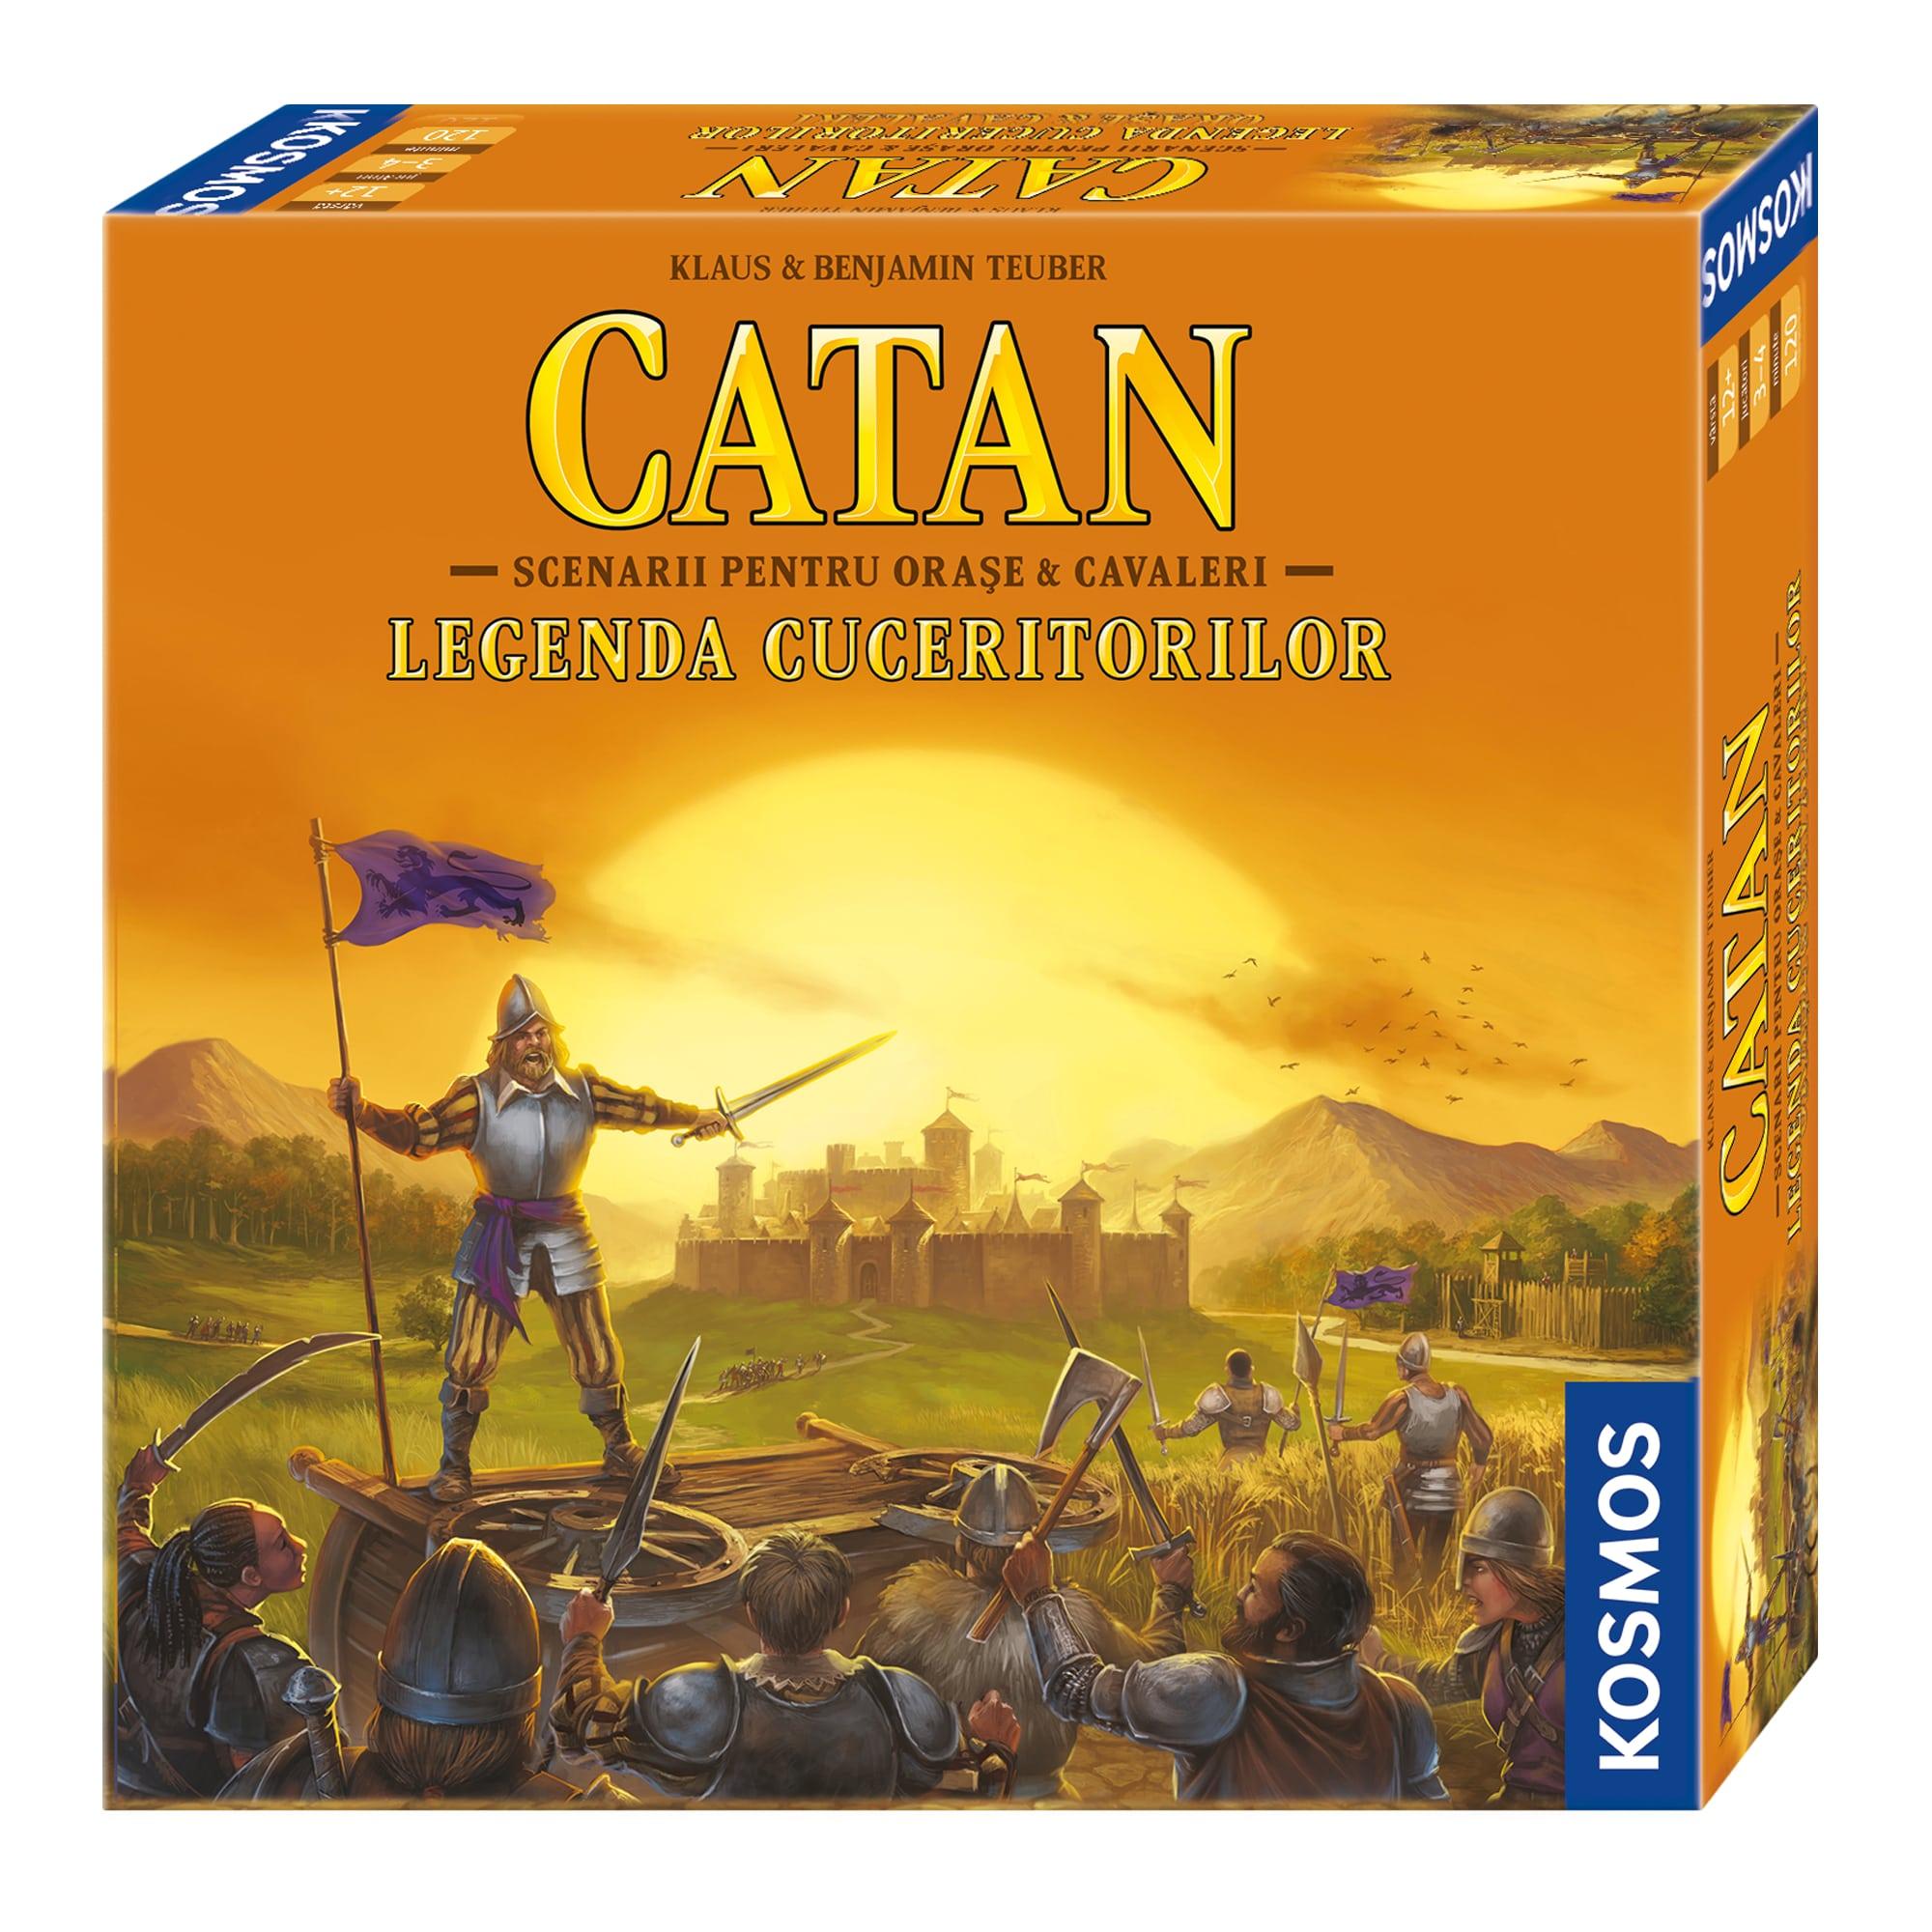 Fotografie Joc Kosmos Catan - Legenda Cuceritorilor, scenarii pentru Orase & Cavaleri